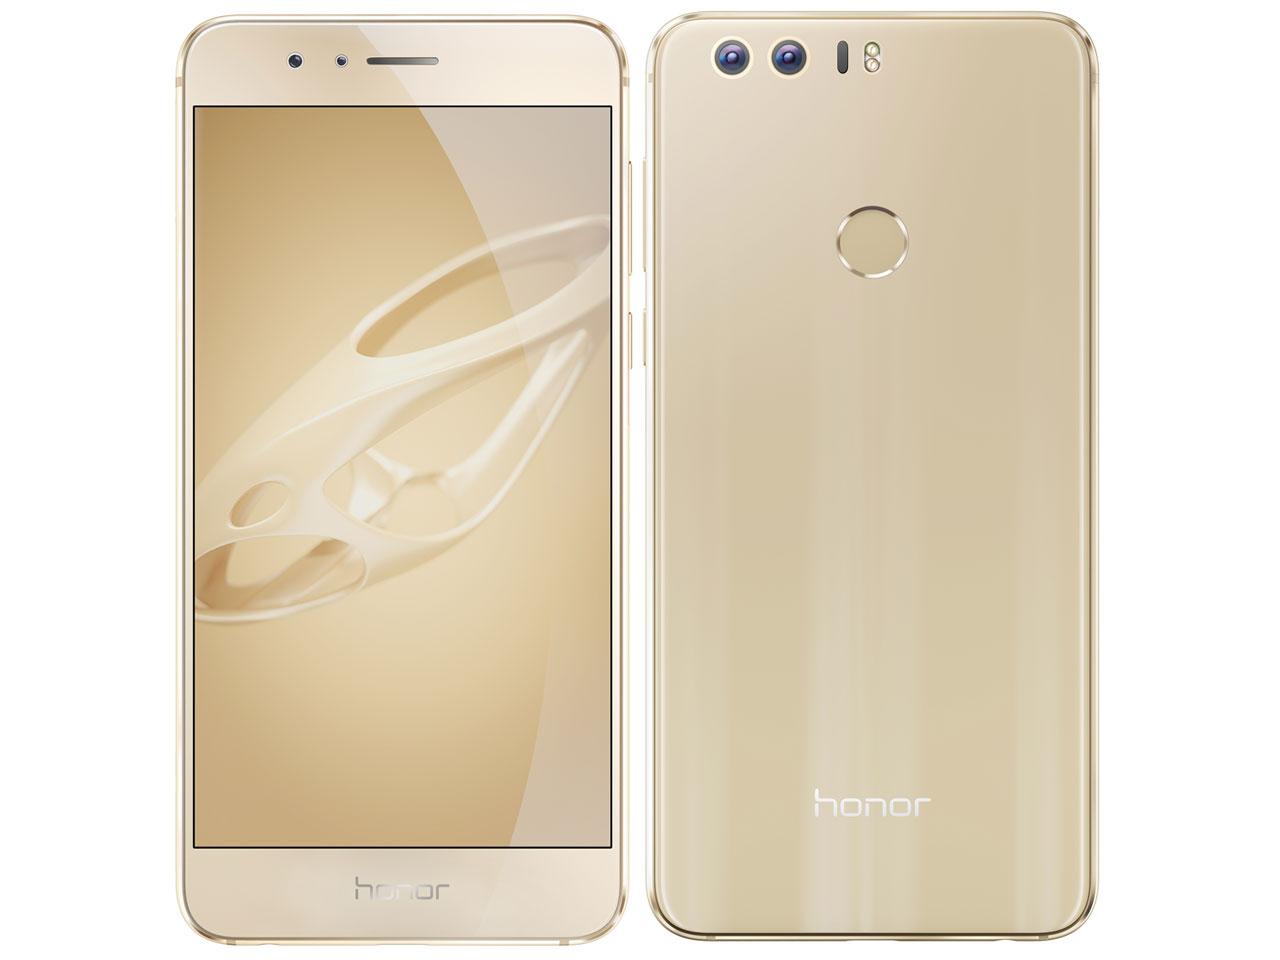 白ロム 中古 SIMフリー Huawei honor 8 Plus RD-L02 ゴールド 本体のみ [Aランク]